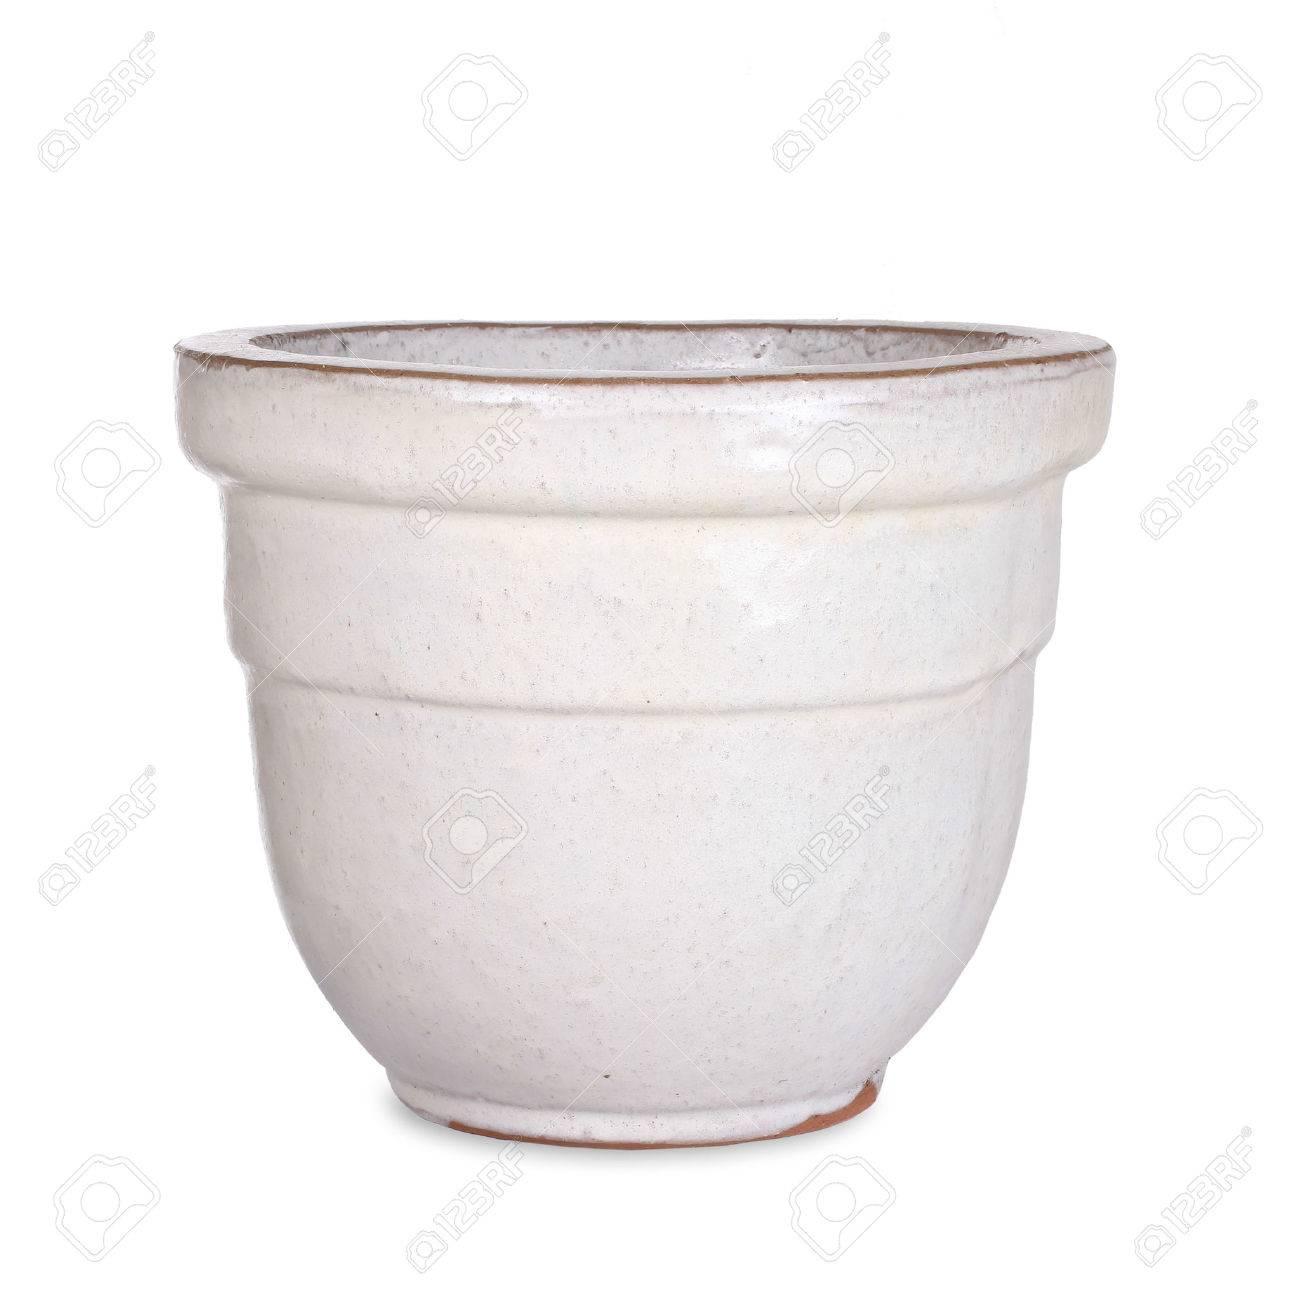 Pottery, white flower pot - 35801974